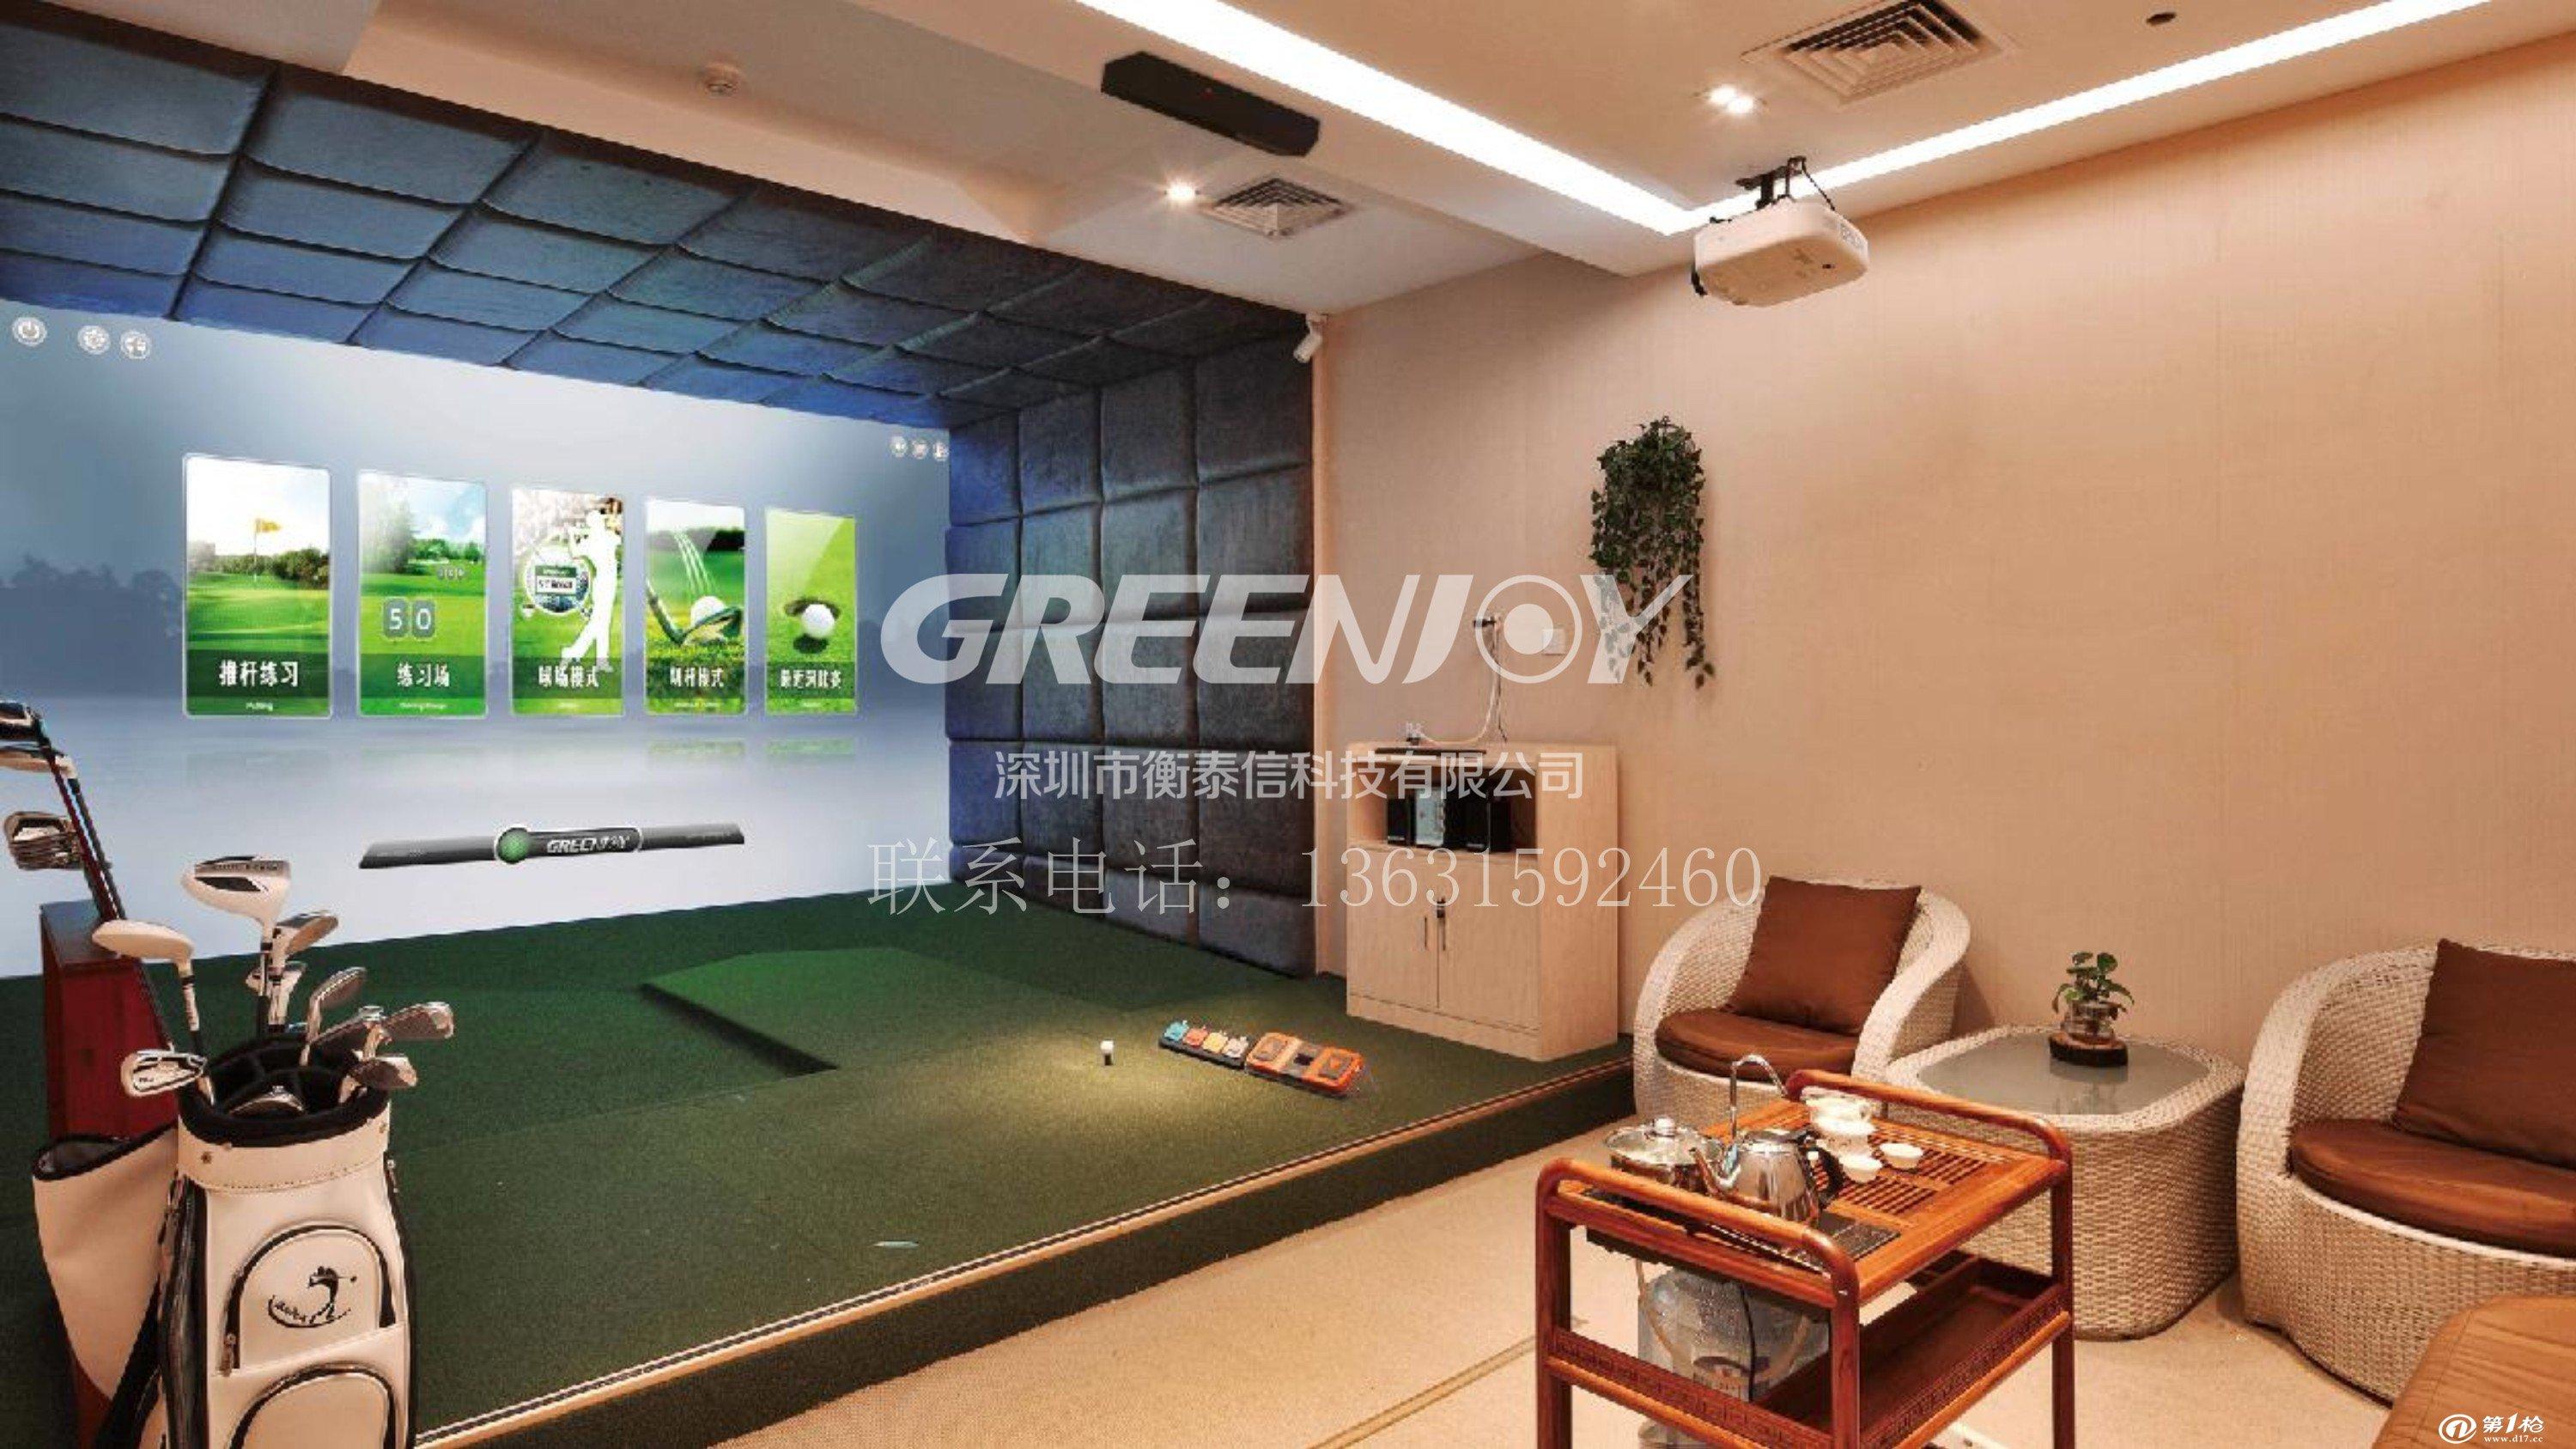 湖南greenjoy衡泰信城市室内高尔夫模拟器系统q3